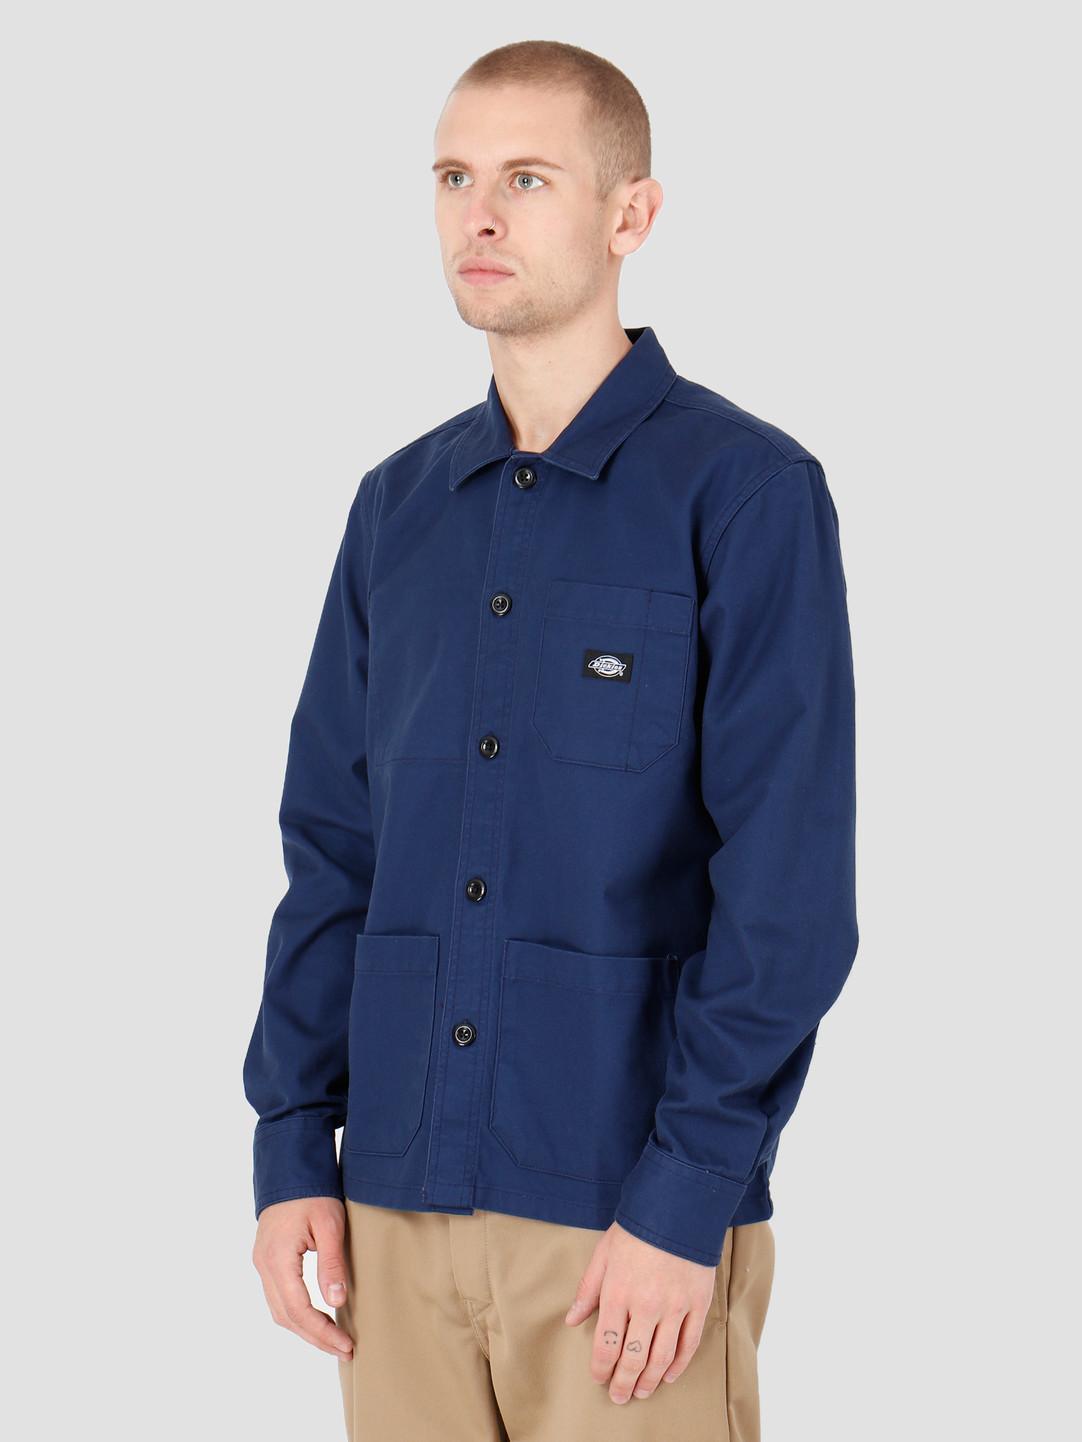 Dickies Dickies Caprock Shirt Deep Blue DK520359EL01